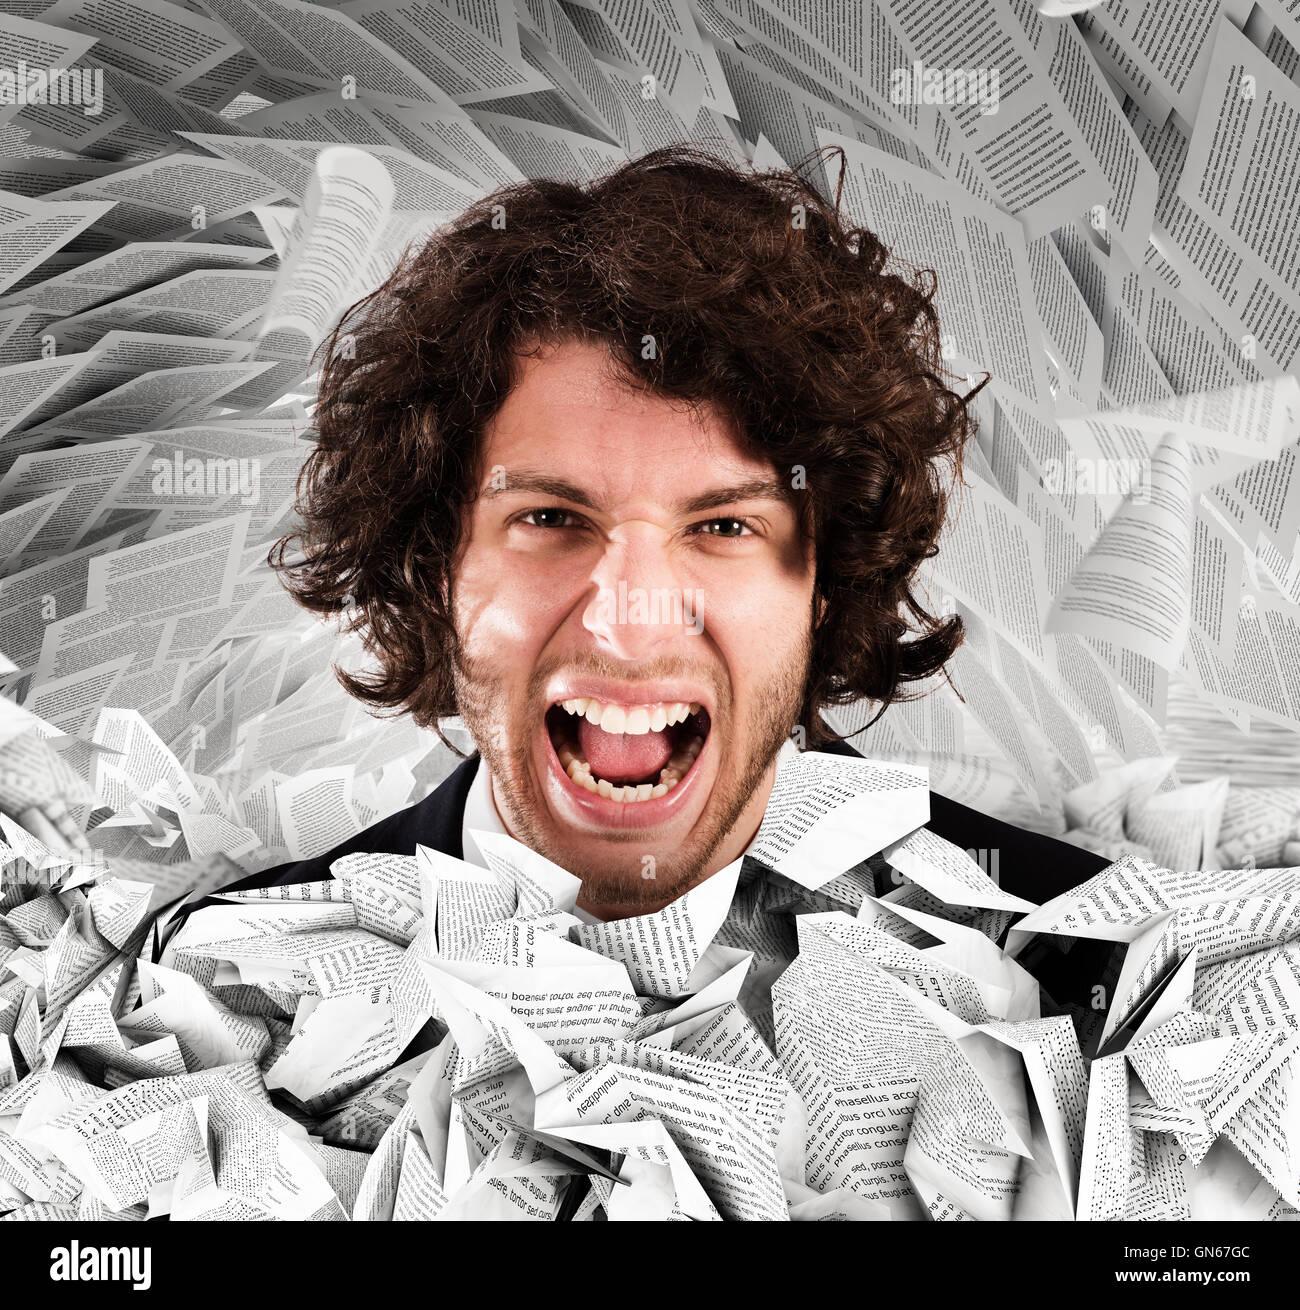 Subrayó gritando por exceso de trabajo Imagen De Stock